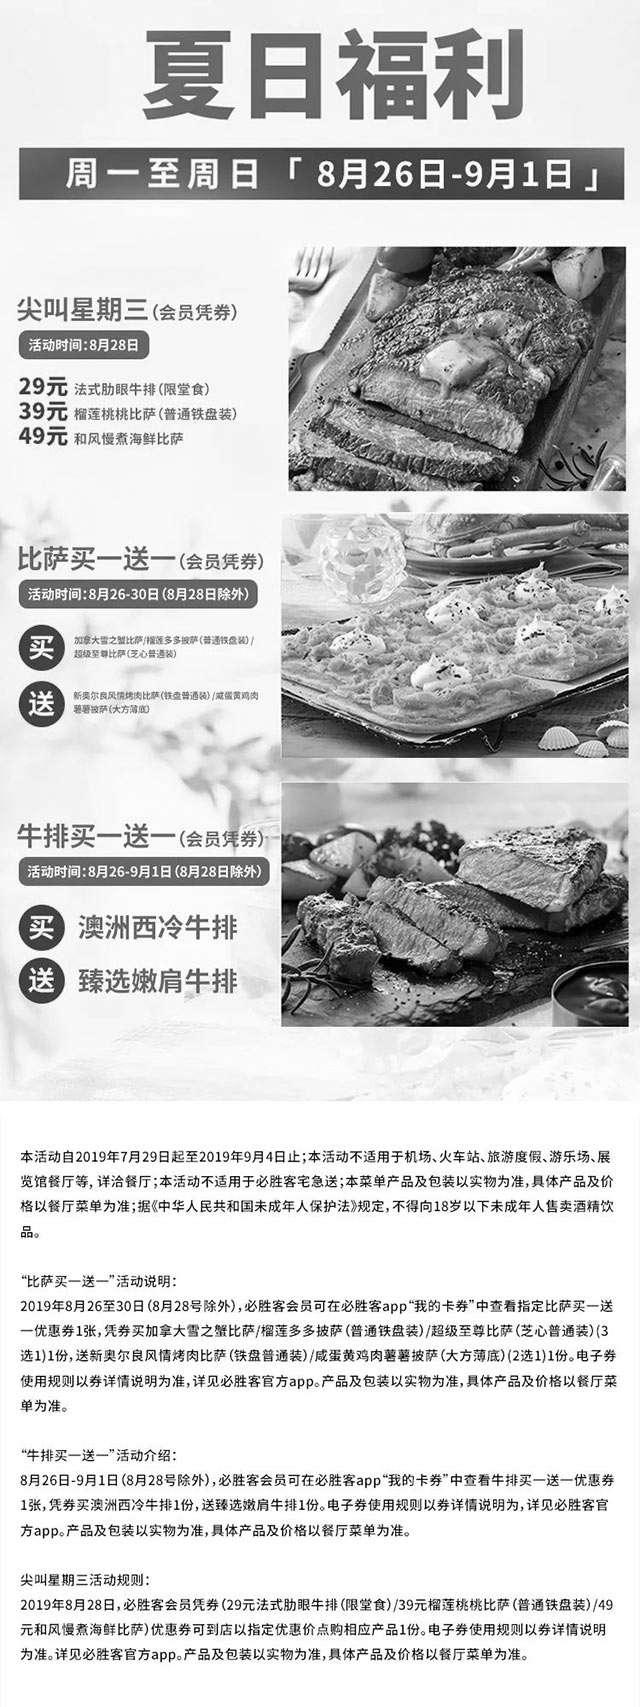 黑白优惠券图片:必胜客夏日福利比萨买一送一、牛排买一送一 - www.5ikfc.com